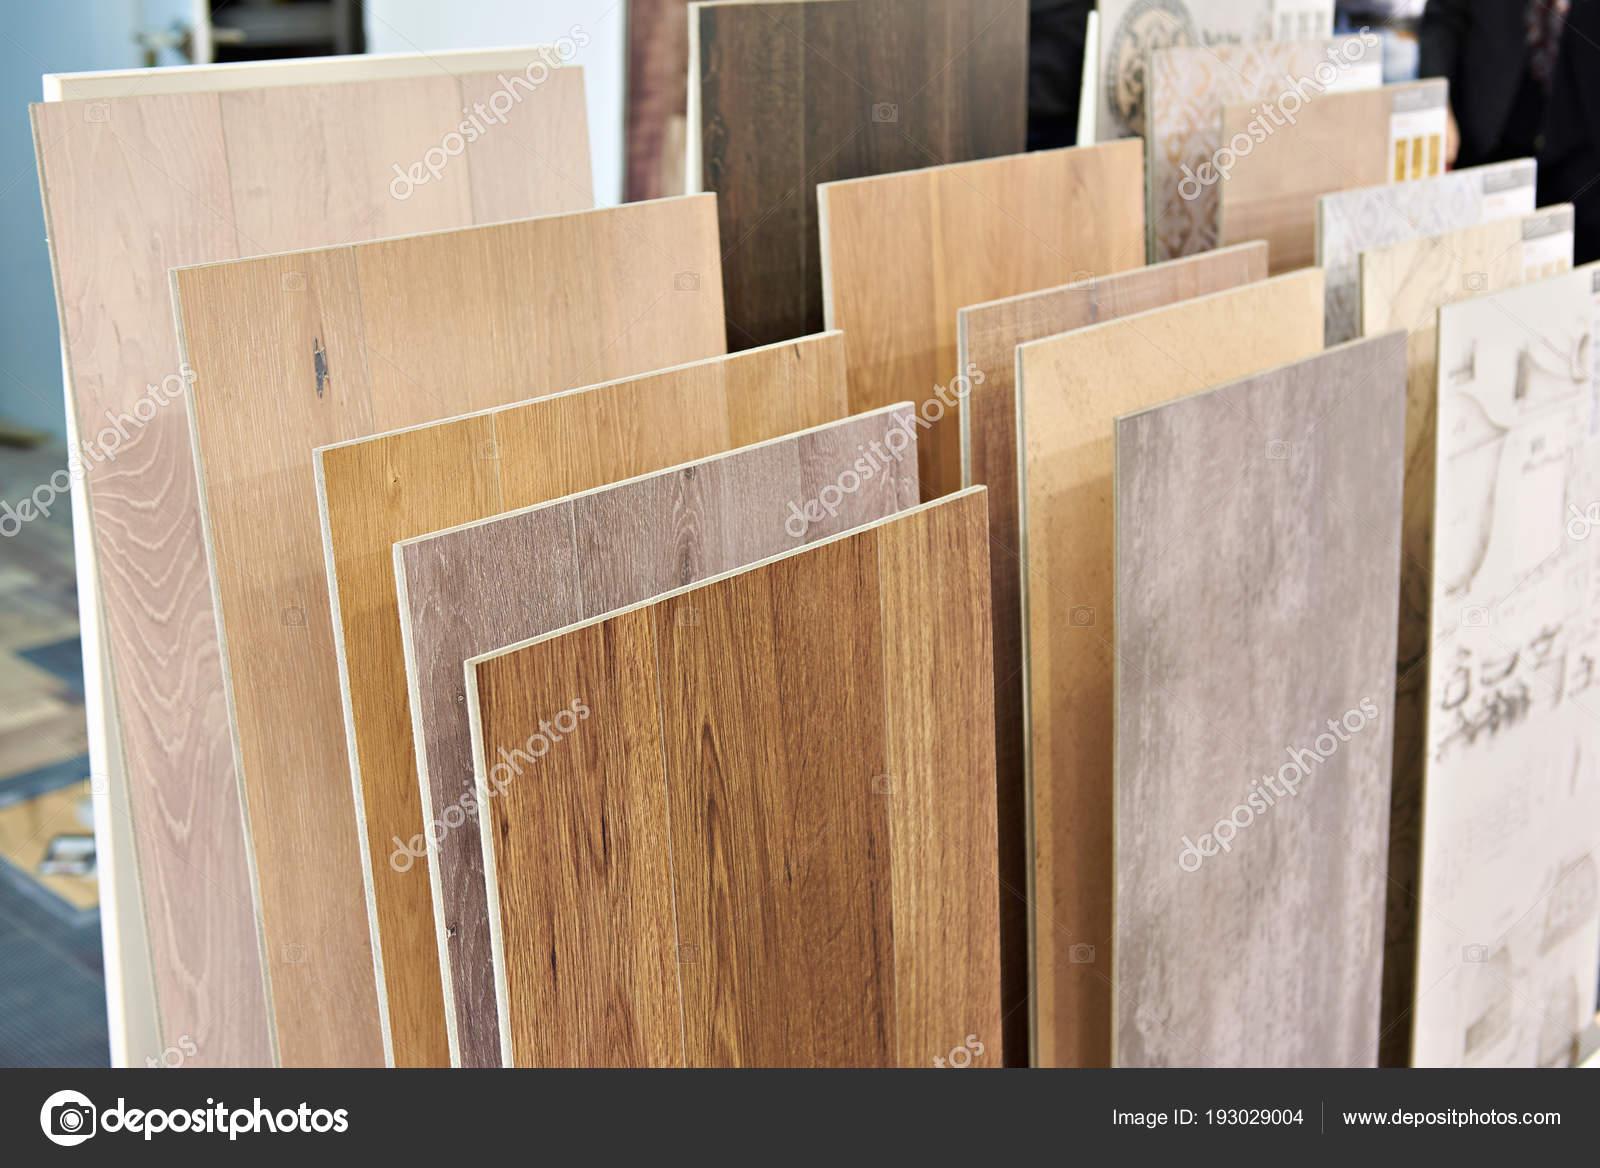 Decorazioni In Legno Per Pareti : Pannelli decorativi in legno per pareti u foto stock ryzhov